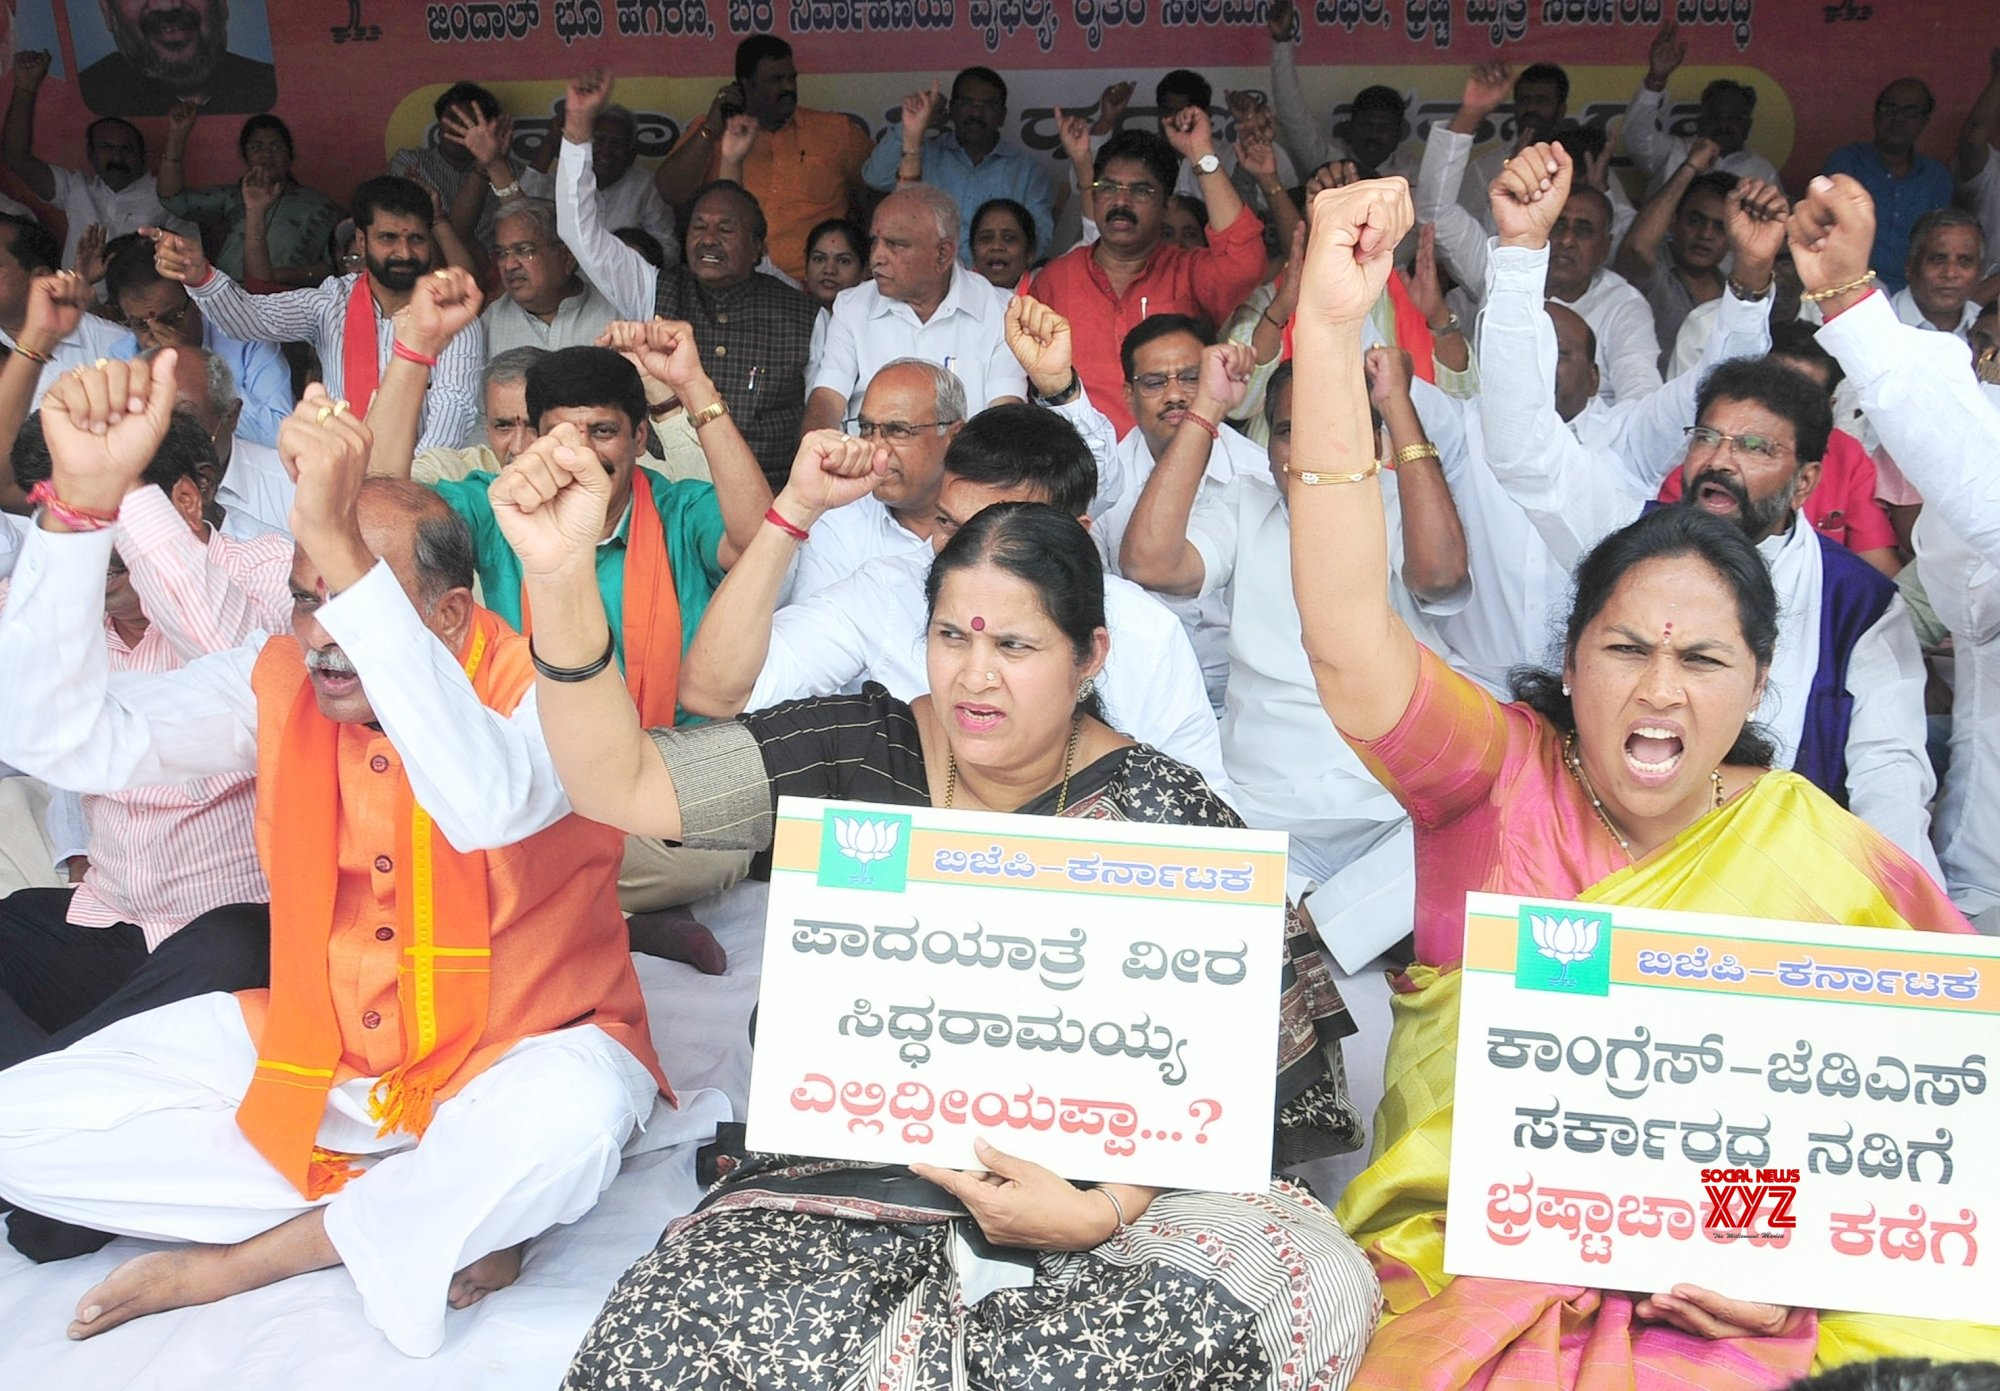 Bengaluru: BJP demonstration against Karnataka government #Gallery